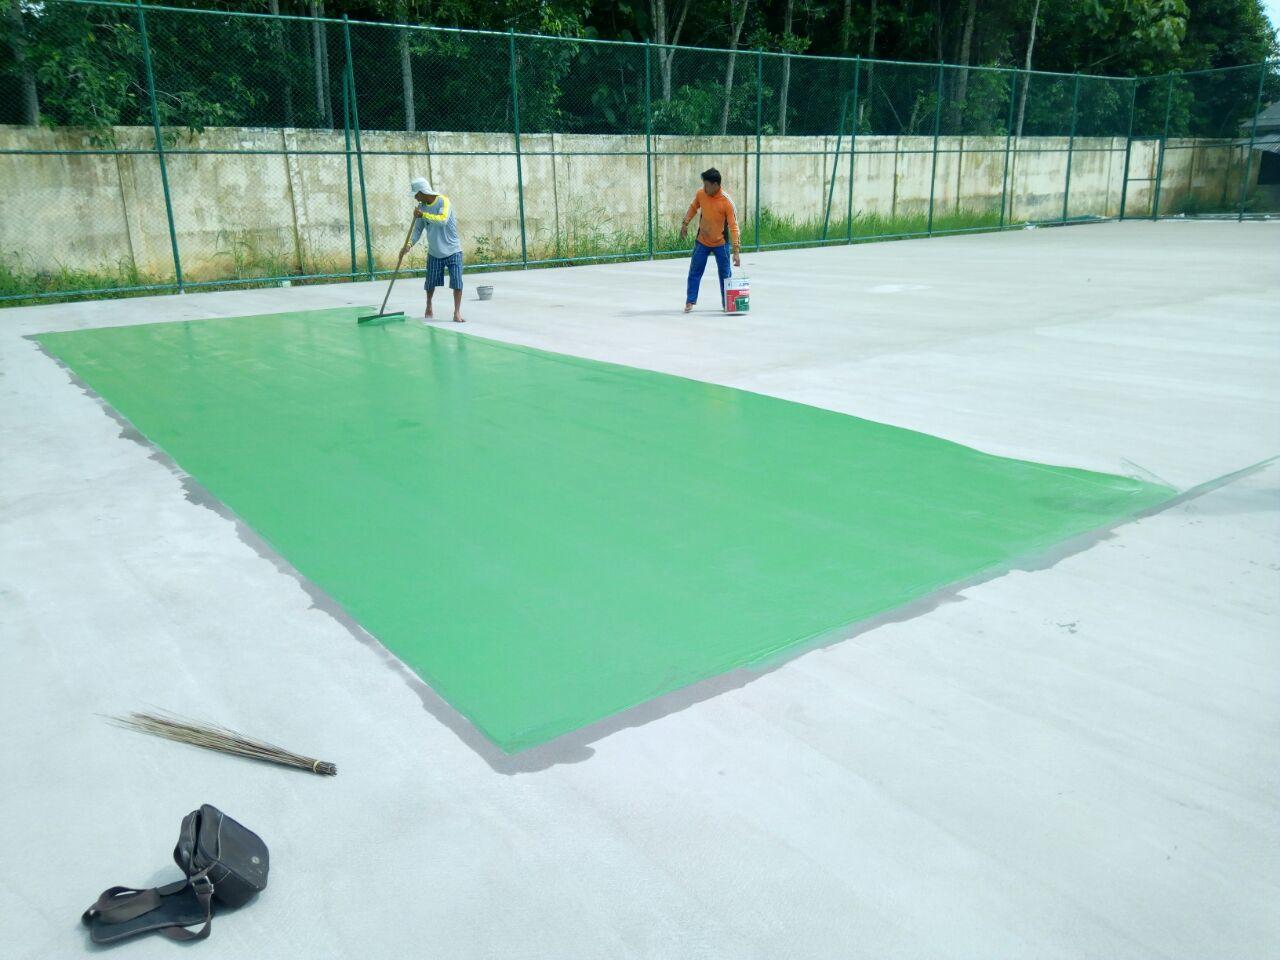 Harga Jasa Untuk Biaya Perbaikan Atau Renovasi Lapangan Olahraga